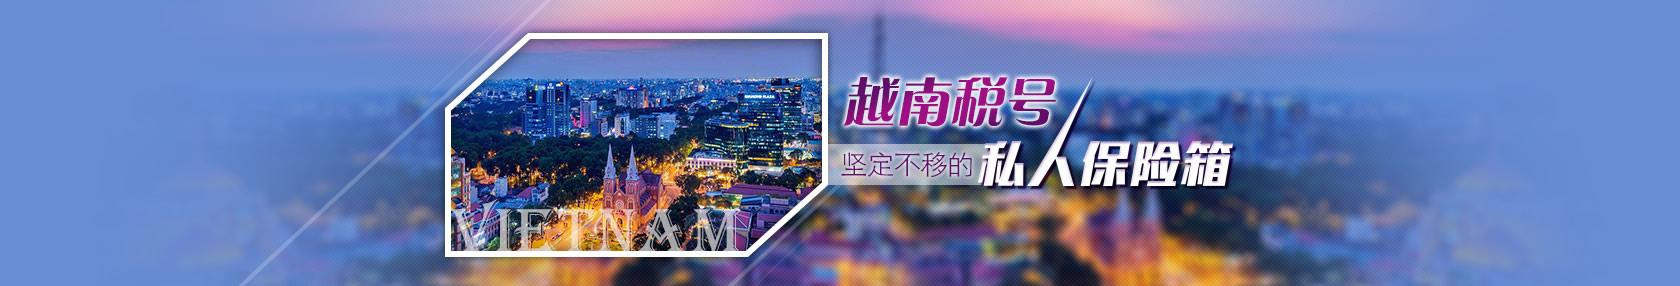 【个人税号】越南税号坚定不移的私人保险箱